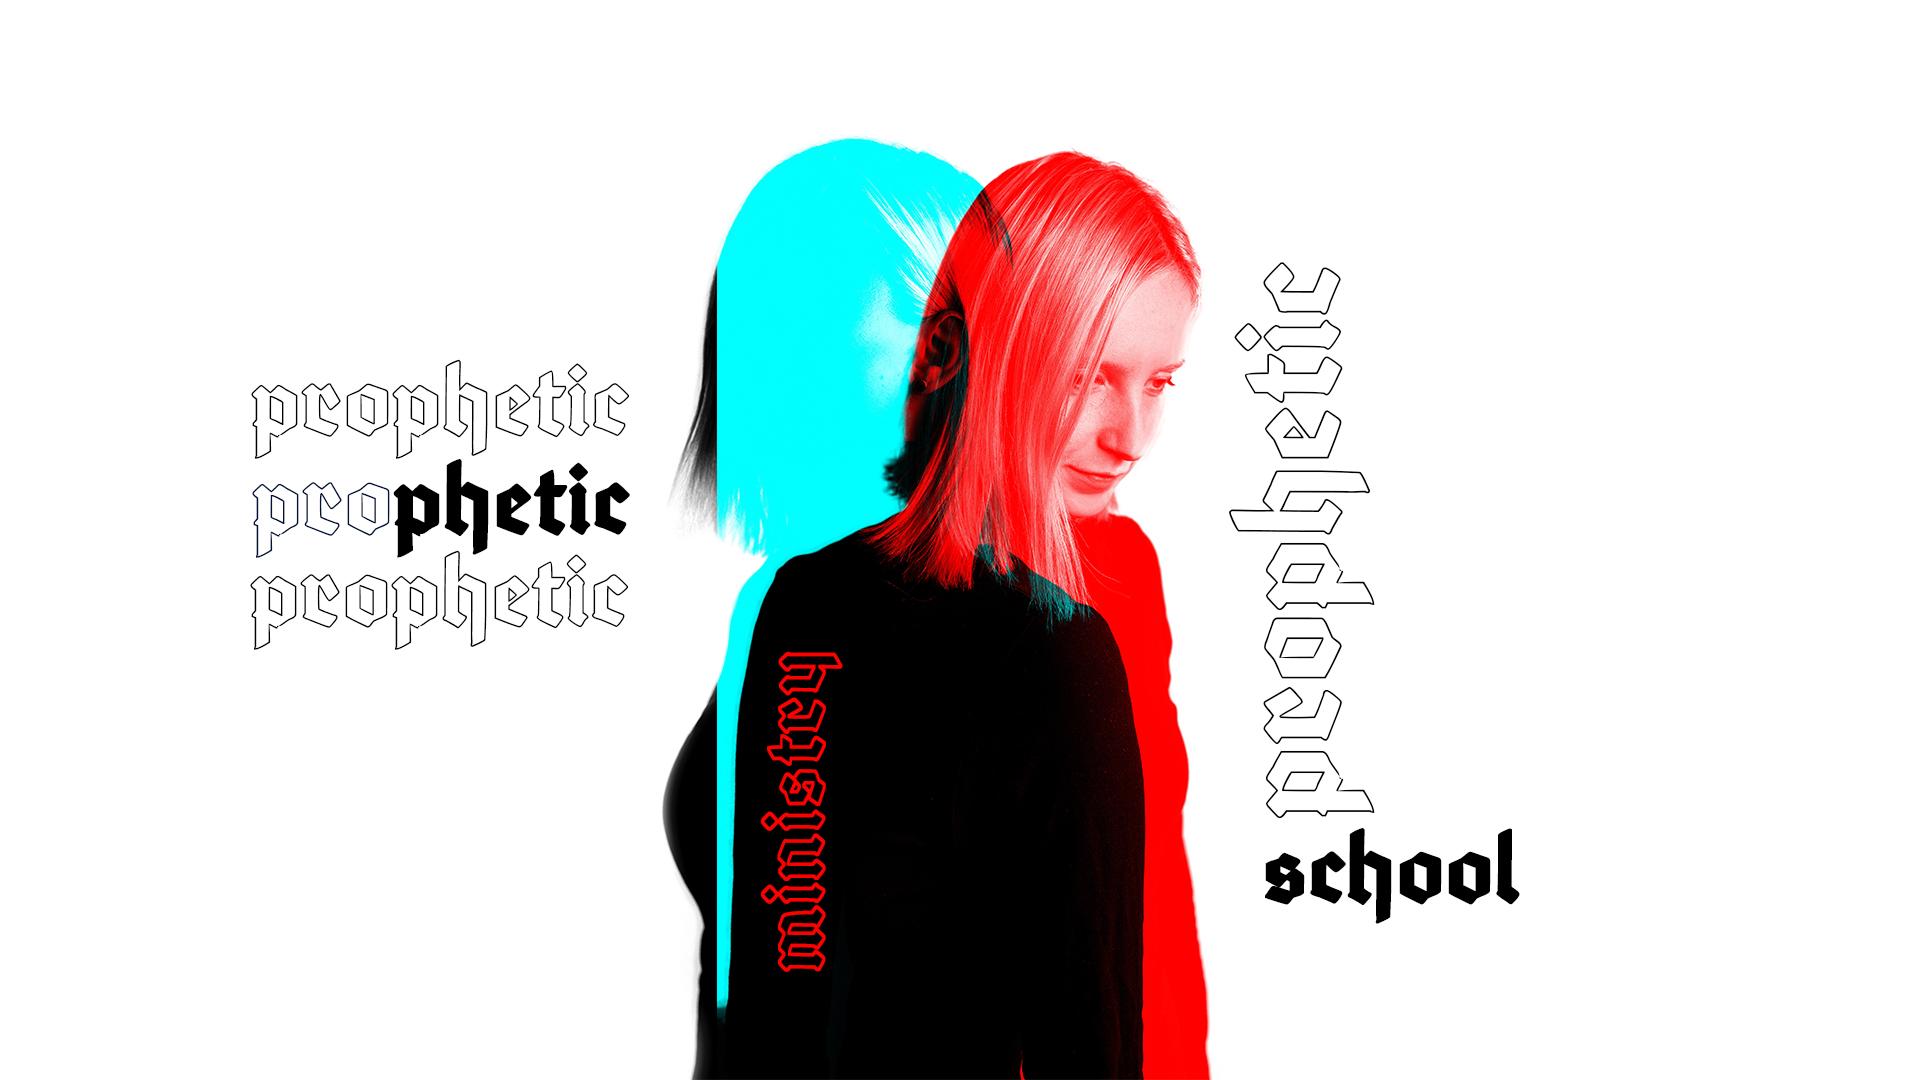 prophetic-school.jpg